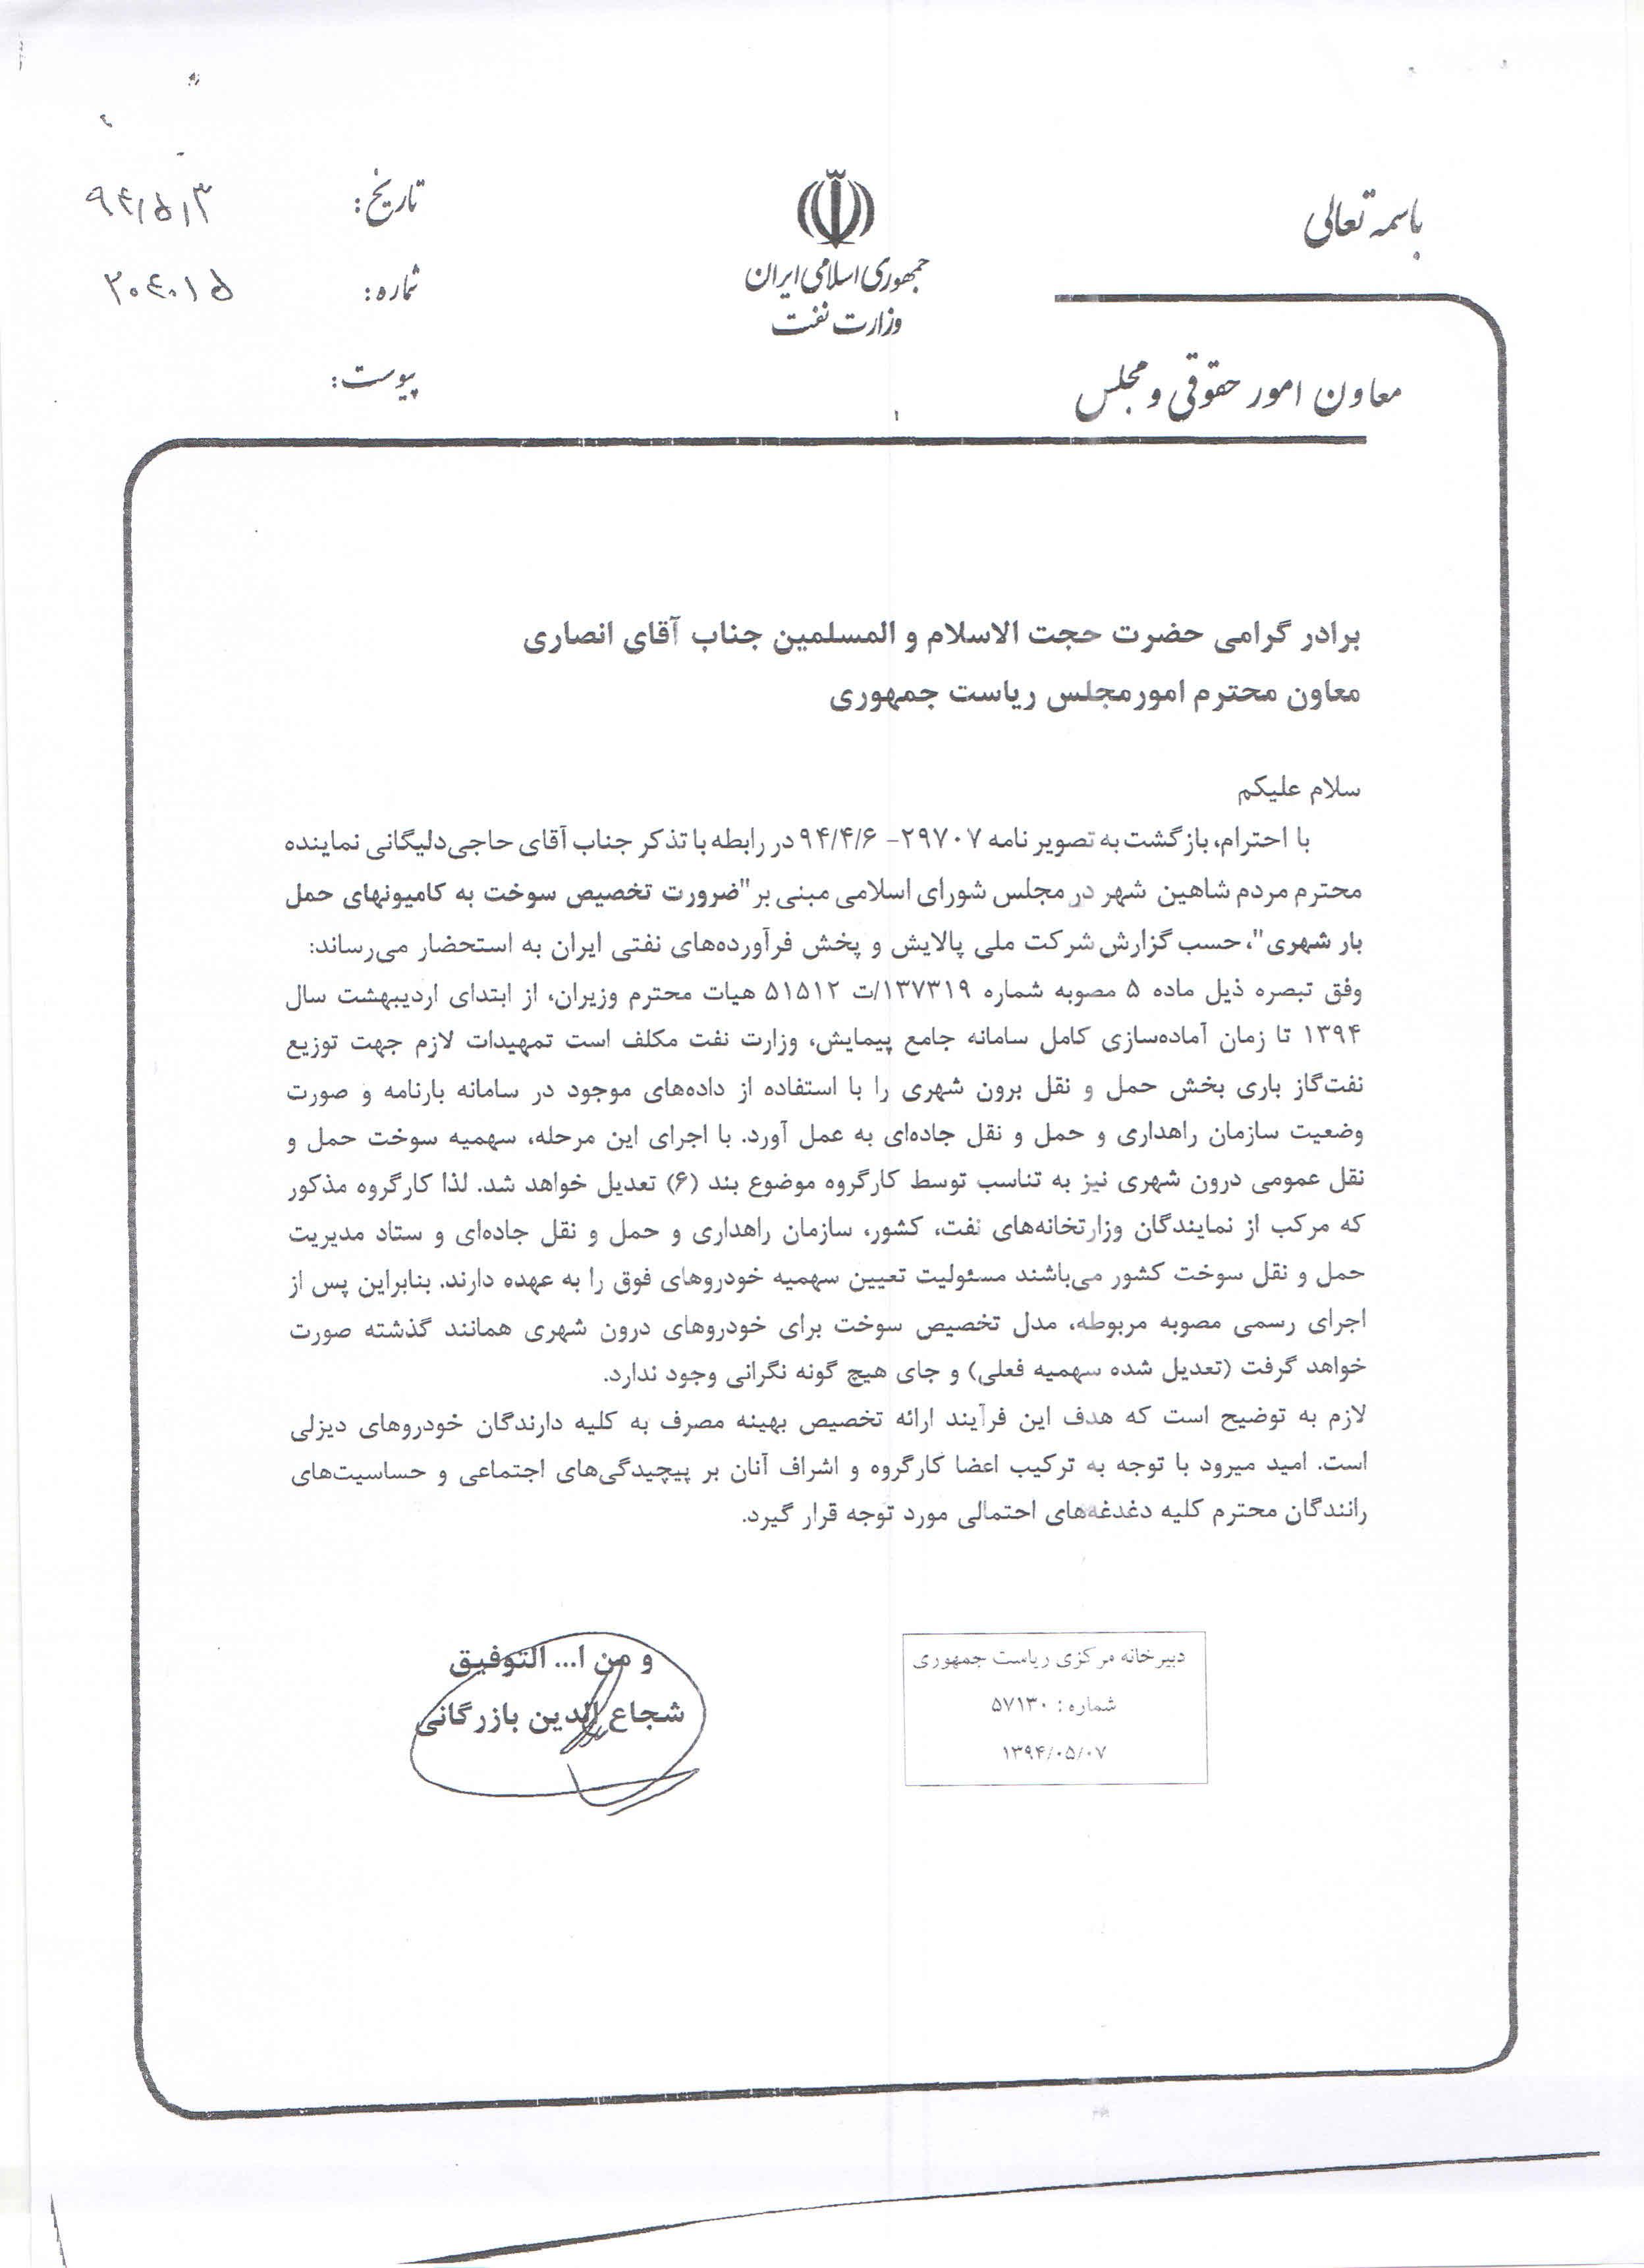 پاسخ وزارت نفت به تذکر آقای حاجی